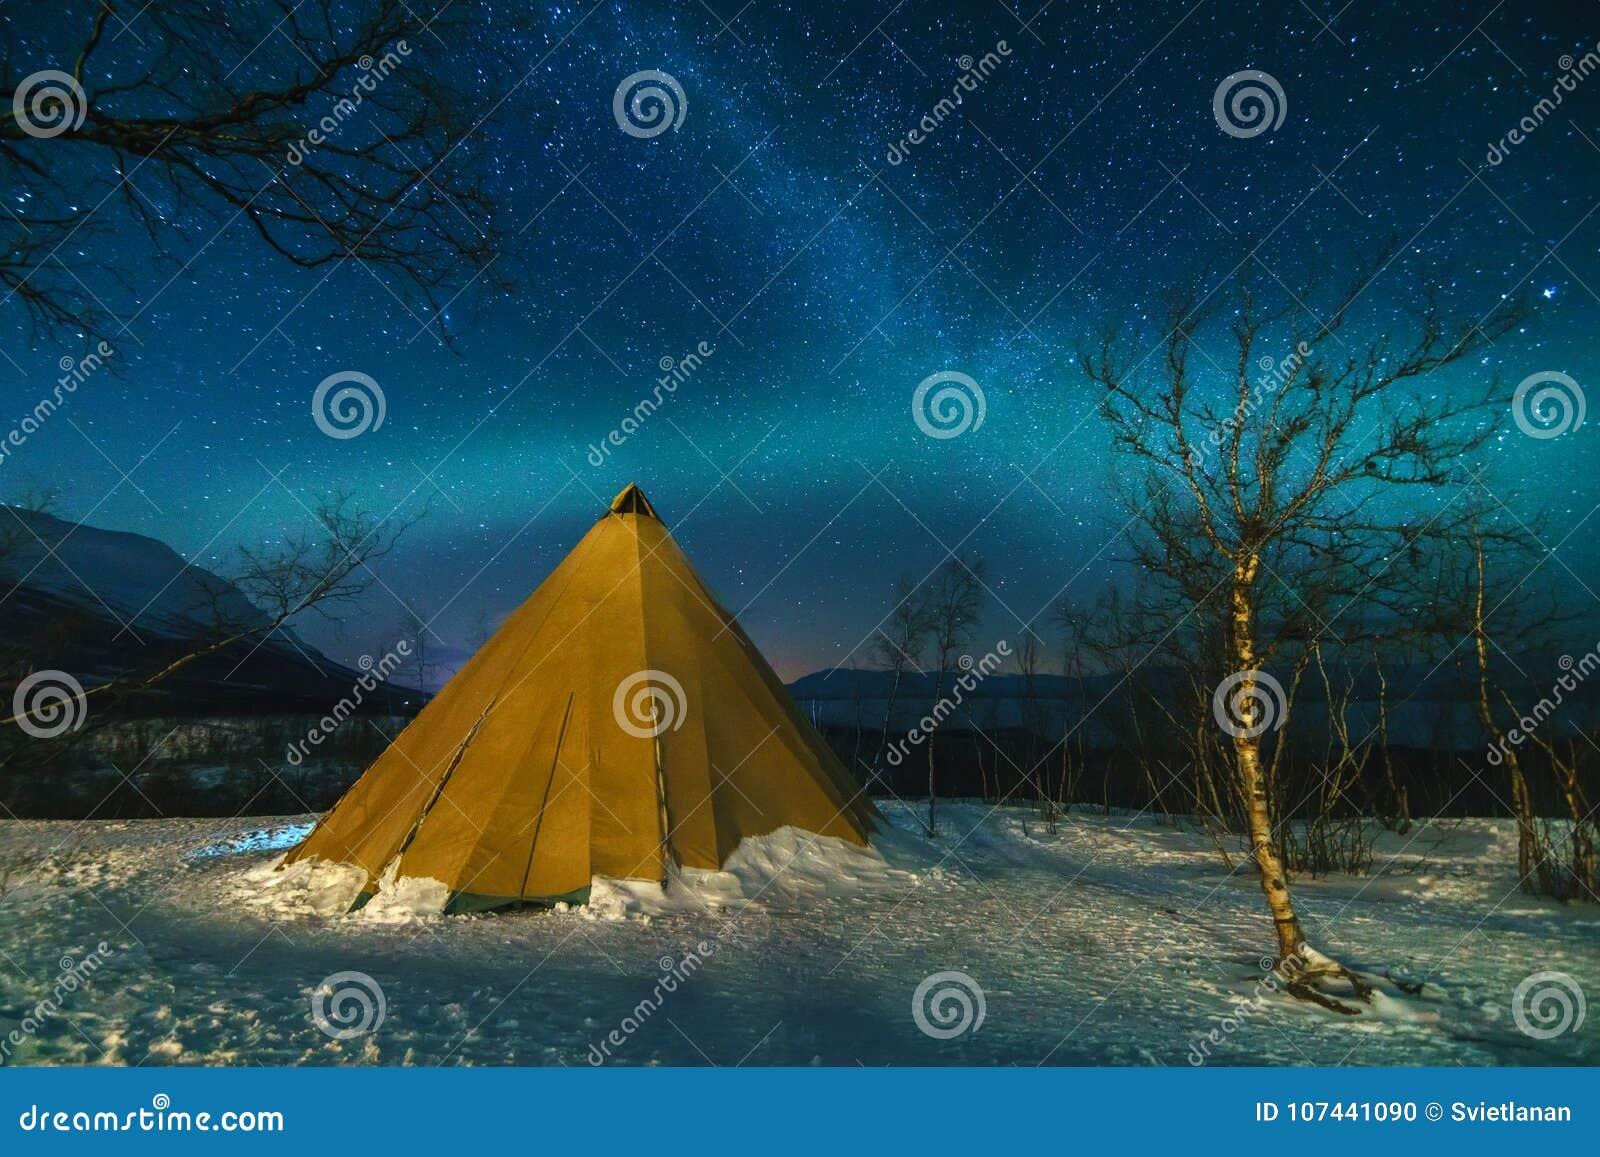 与爱斯基摩帐篷和北极光的冬天风景